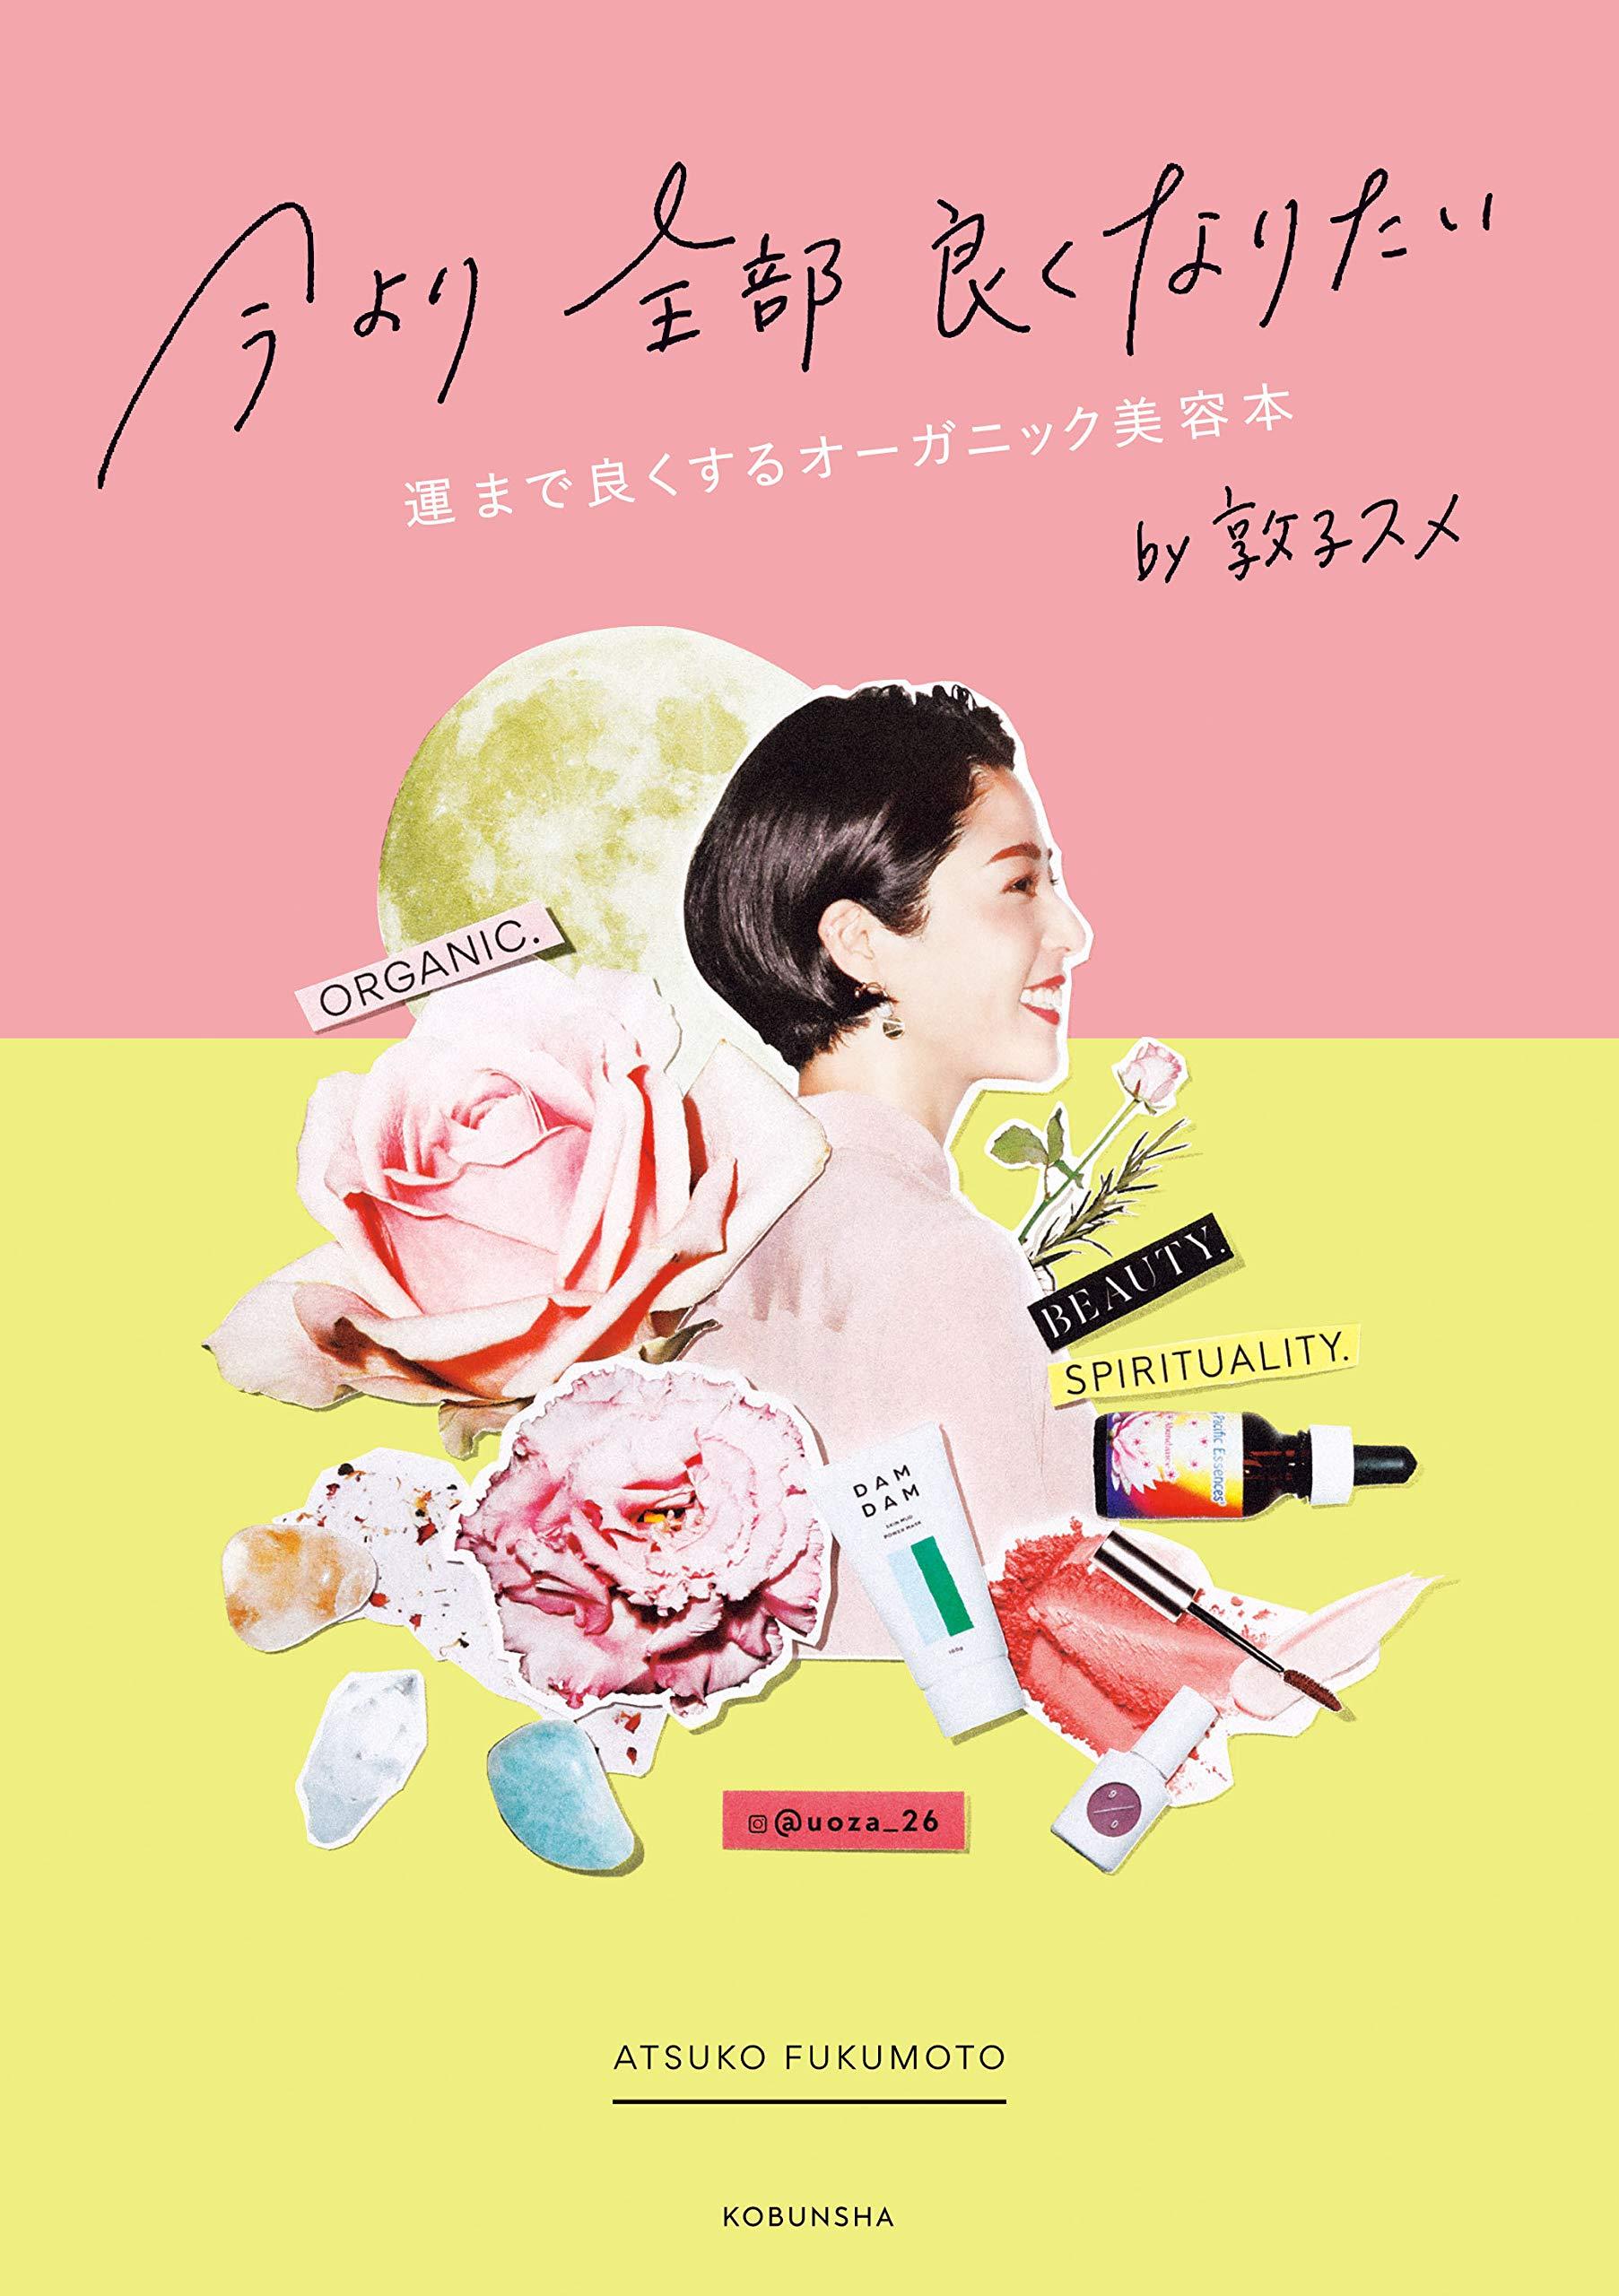 今より全部良くなりたい -運まで良くするオーガニック美容本、福本敦子、オーガニックコスメ、サステナブル、エシカル